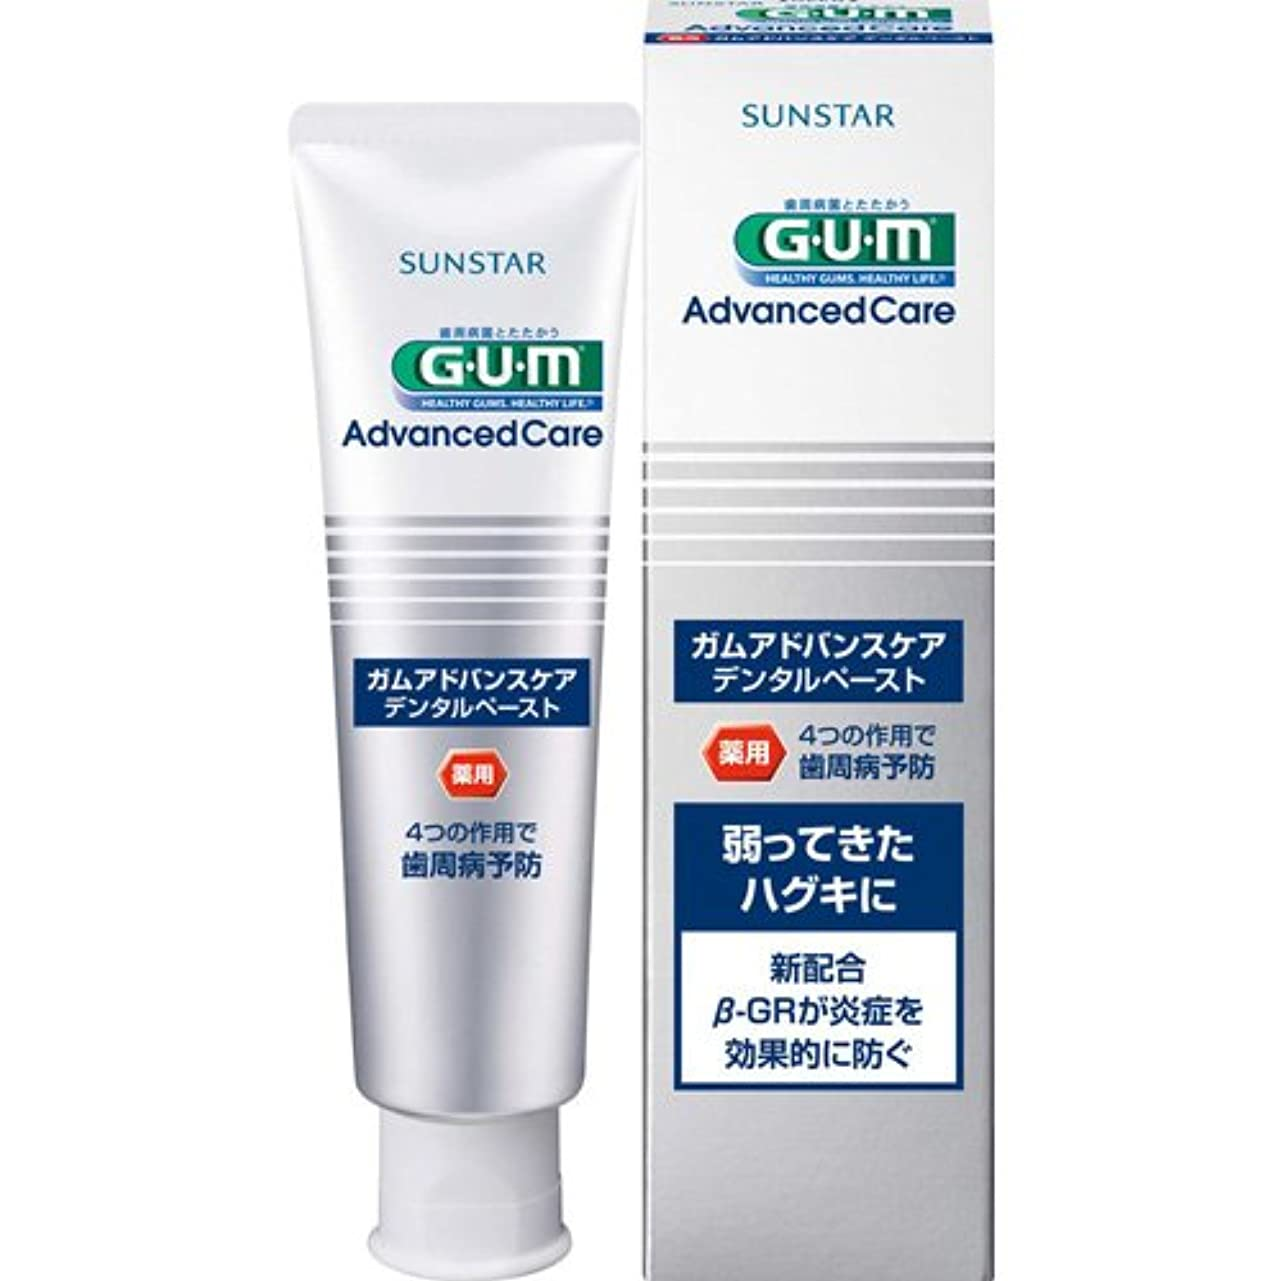 レトルト爆弾評判GUM(ガム)アドバンスケア デンタルペースト 90g (医薬部外品)